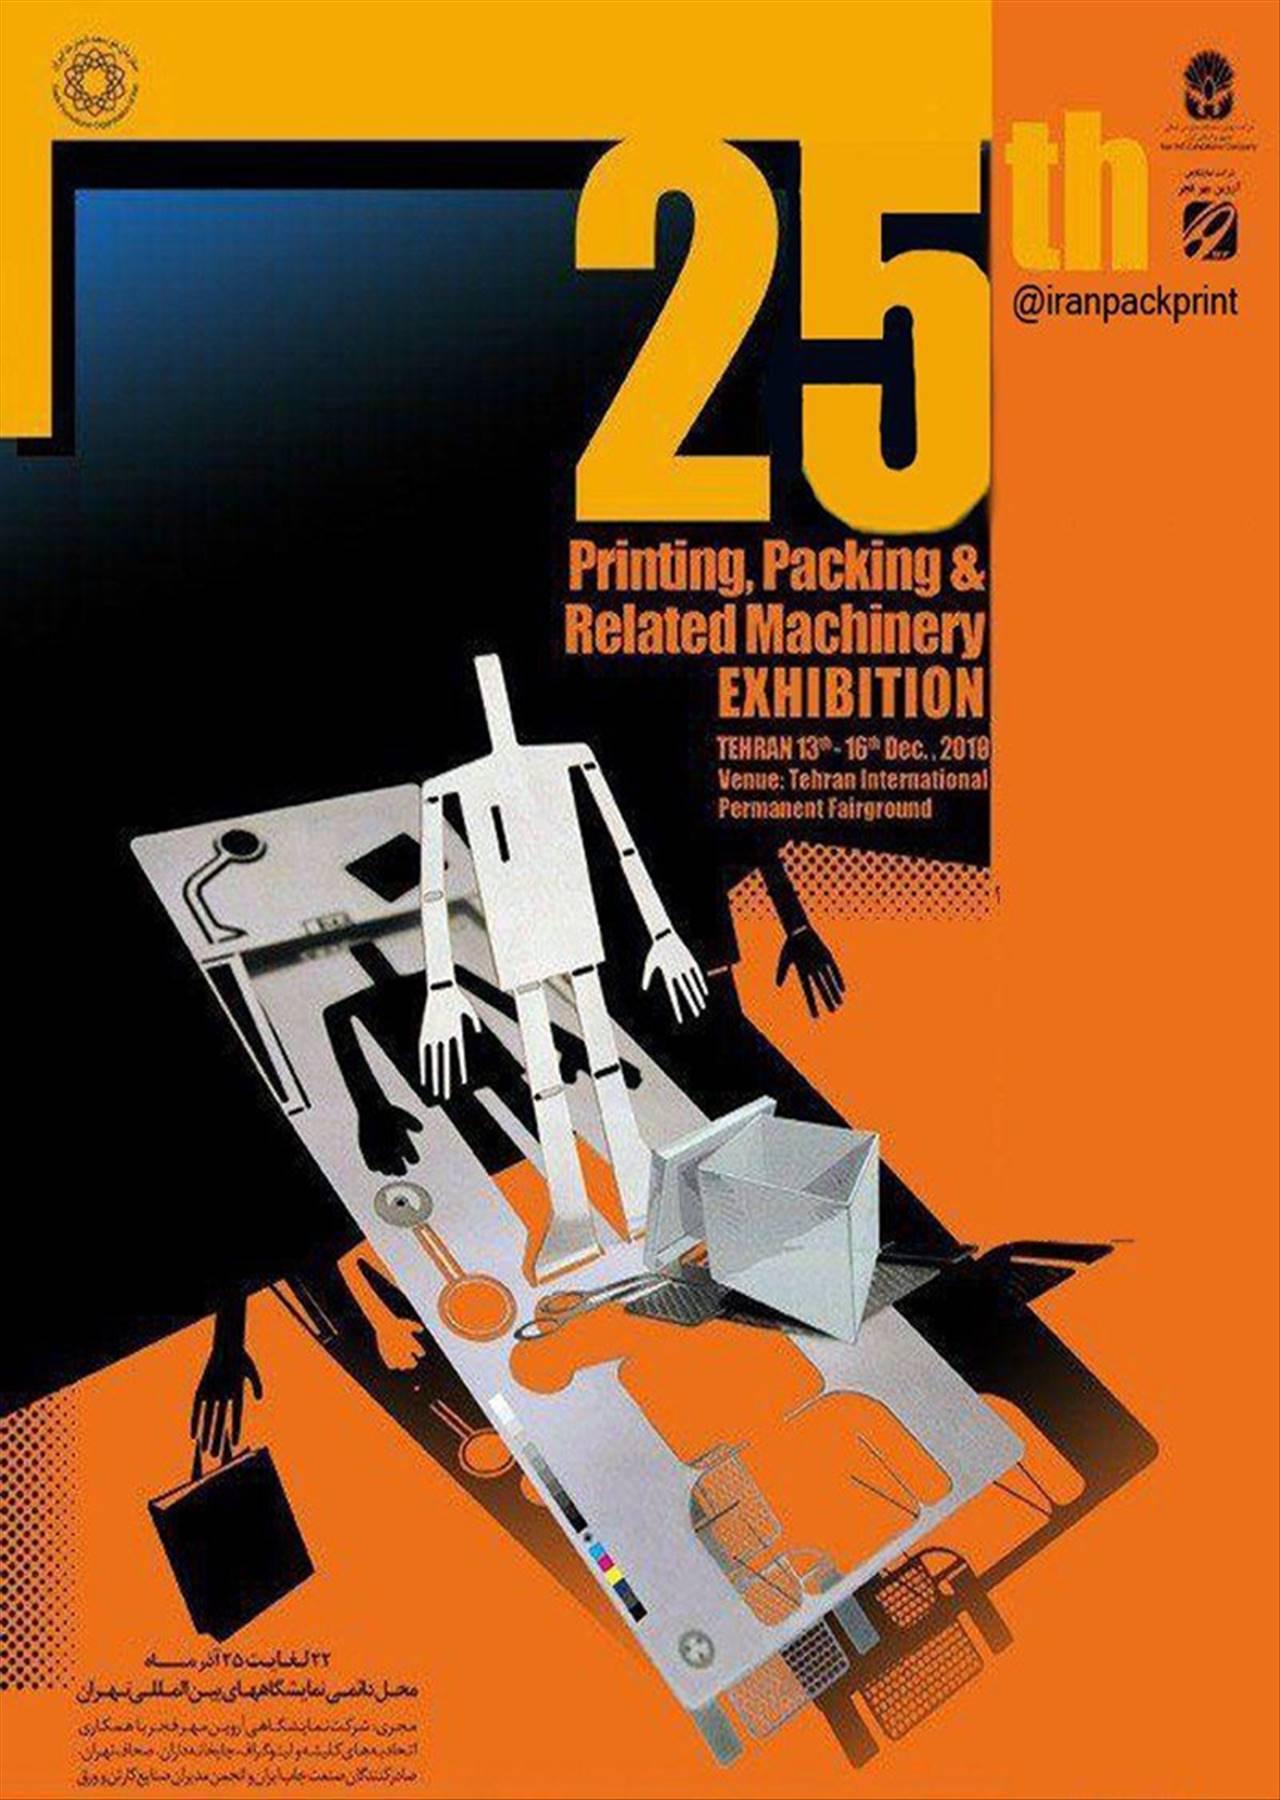 نتیجه تصویری برای نمایشگاه تجهیزات چاپ و بسته بندی ایران